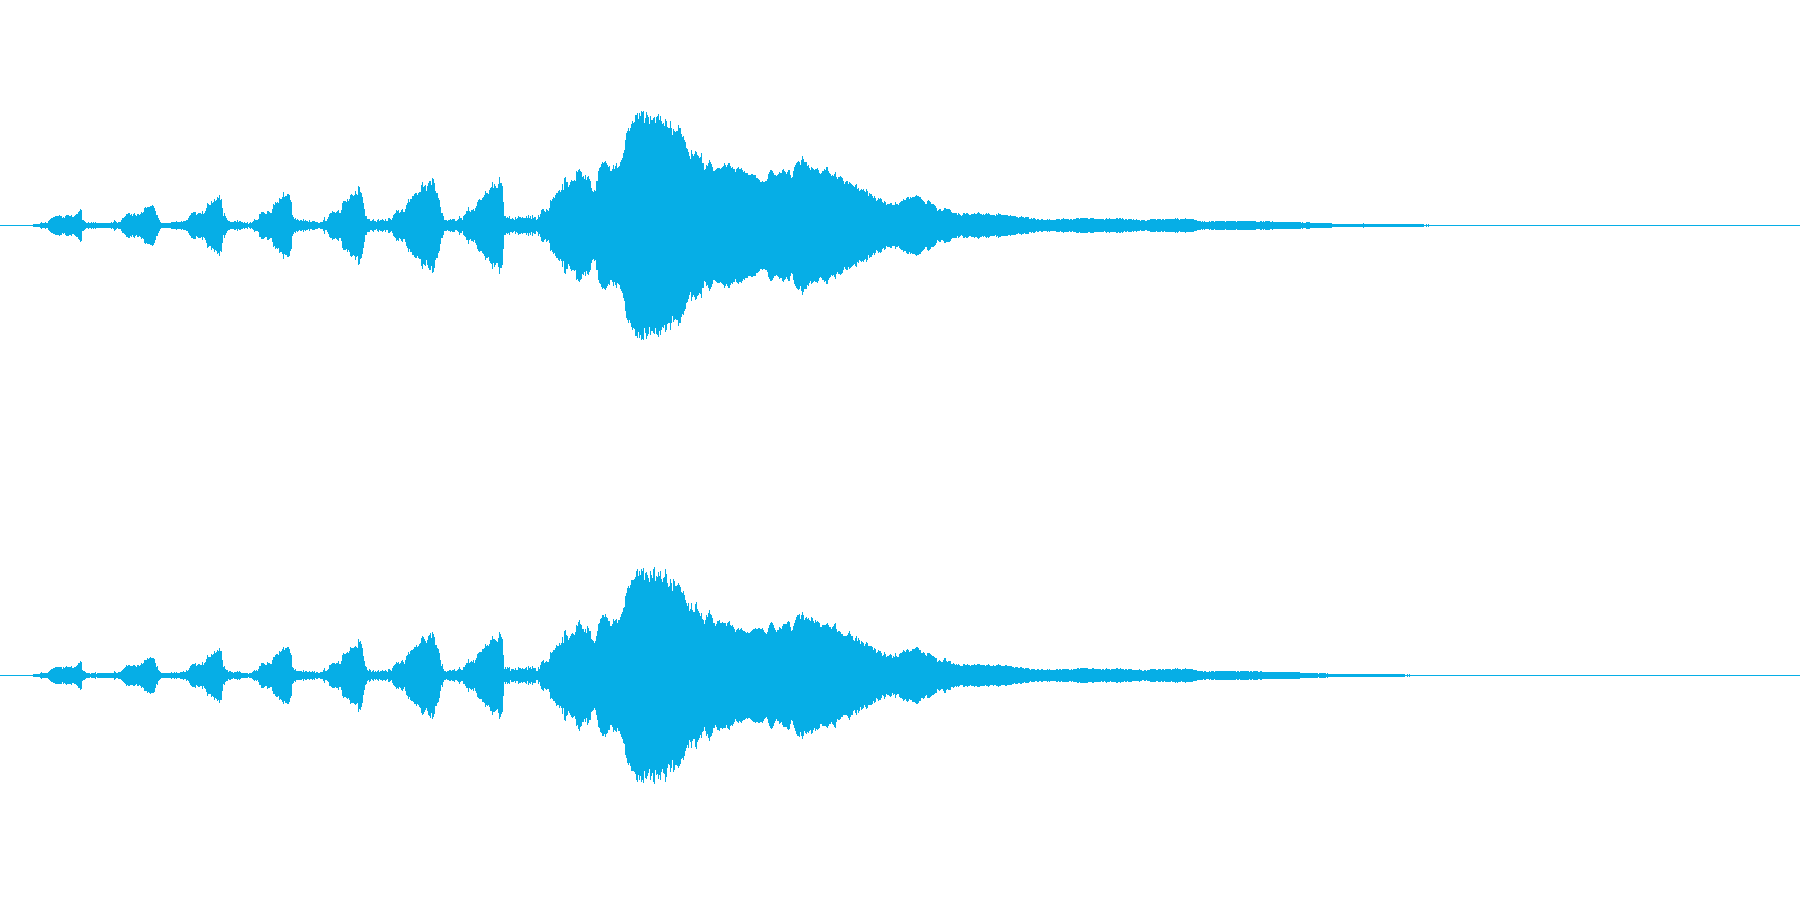 スライドホイッスル-2の再生済みの波形